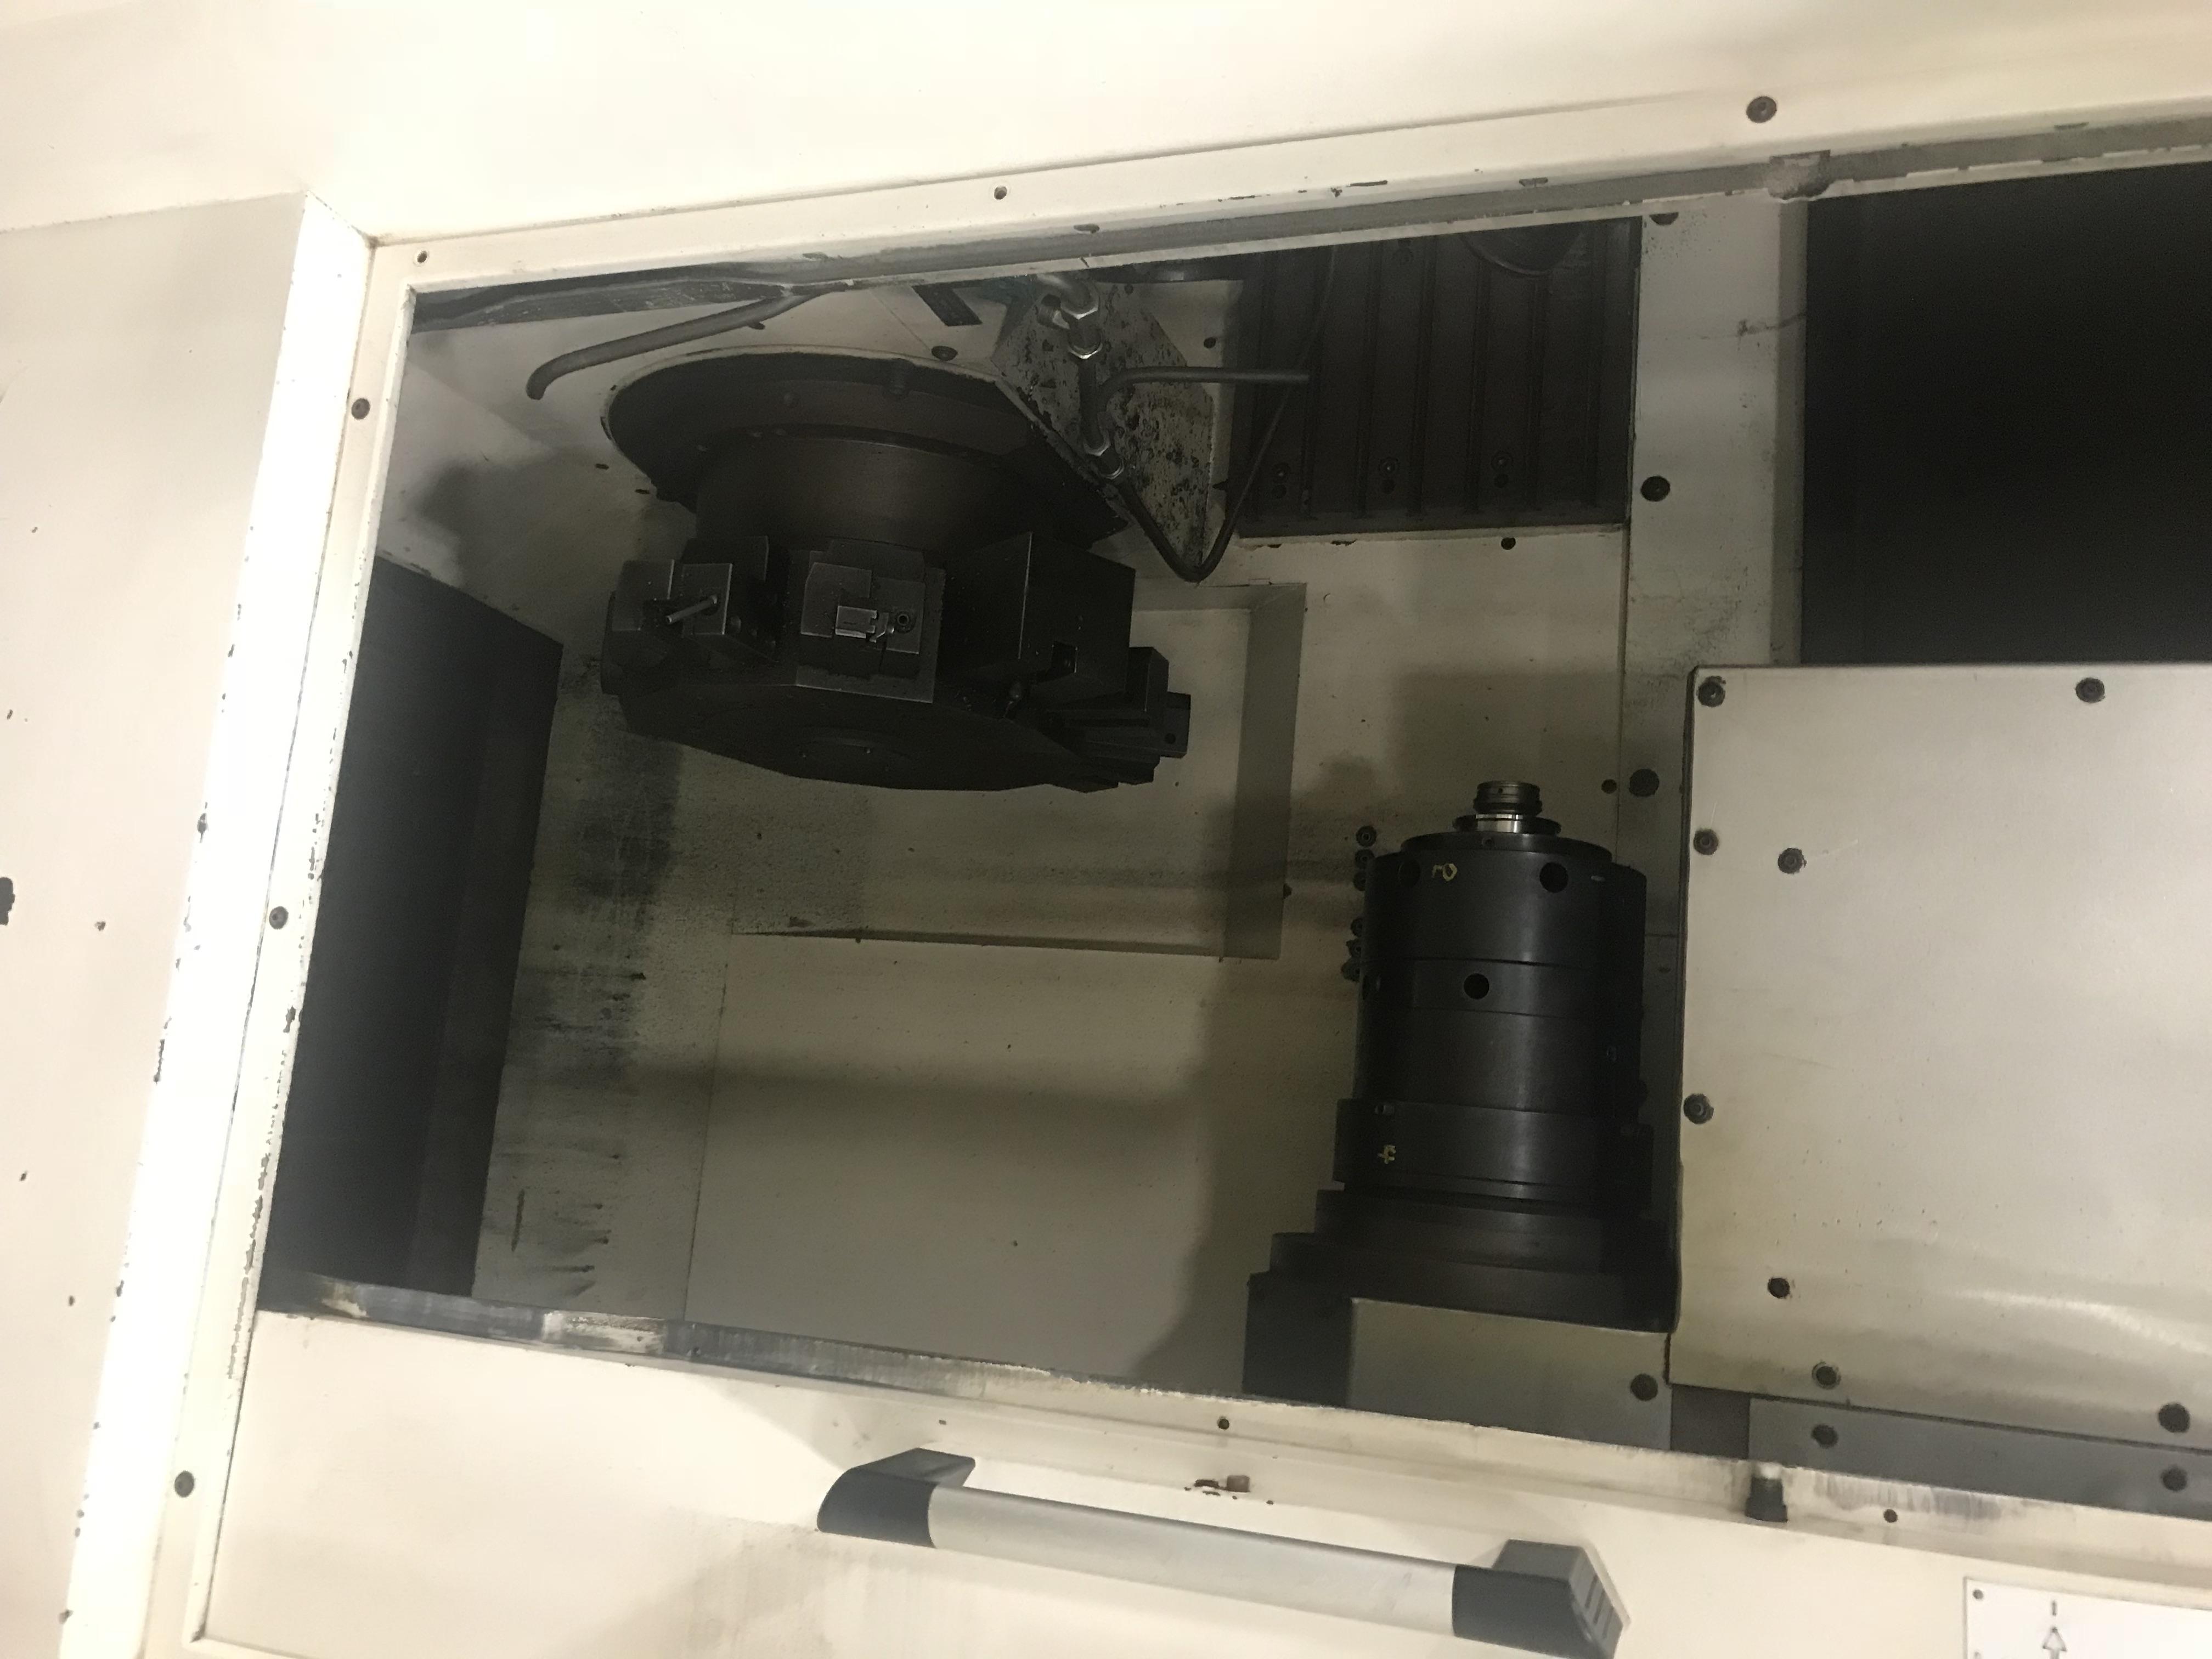 Lot 131 - 2004 Emag HSC250DS CNC Lathe